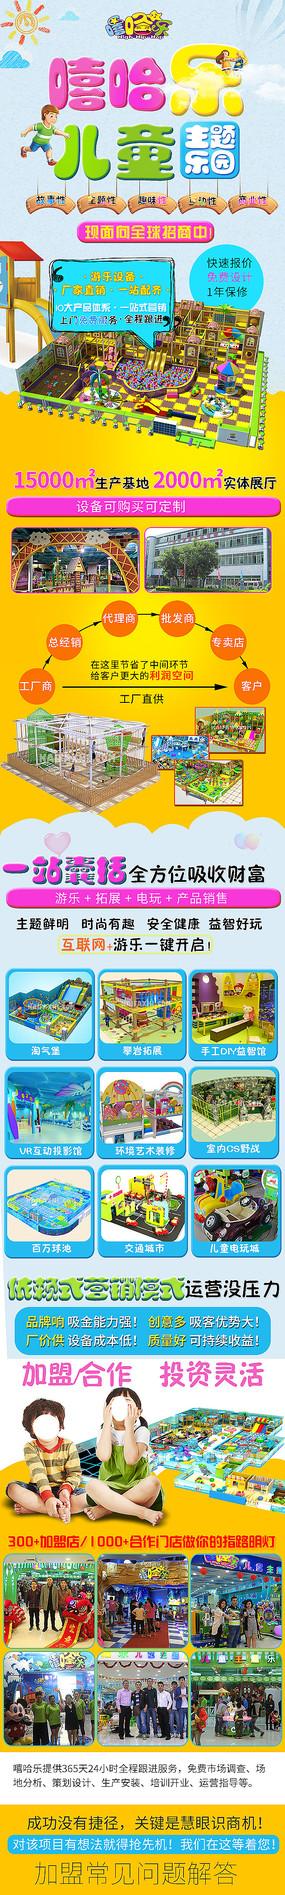 可爱儿童乐园手机页面设计